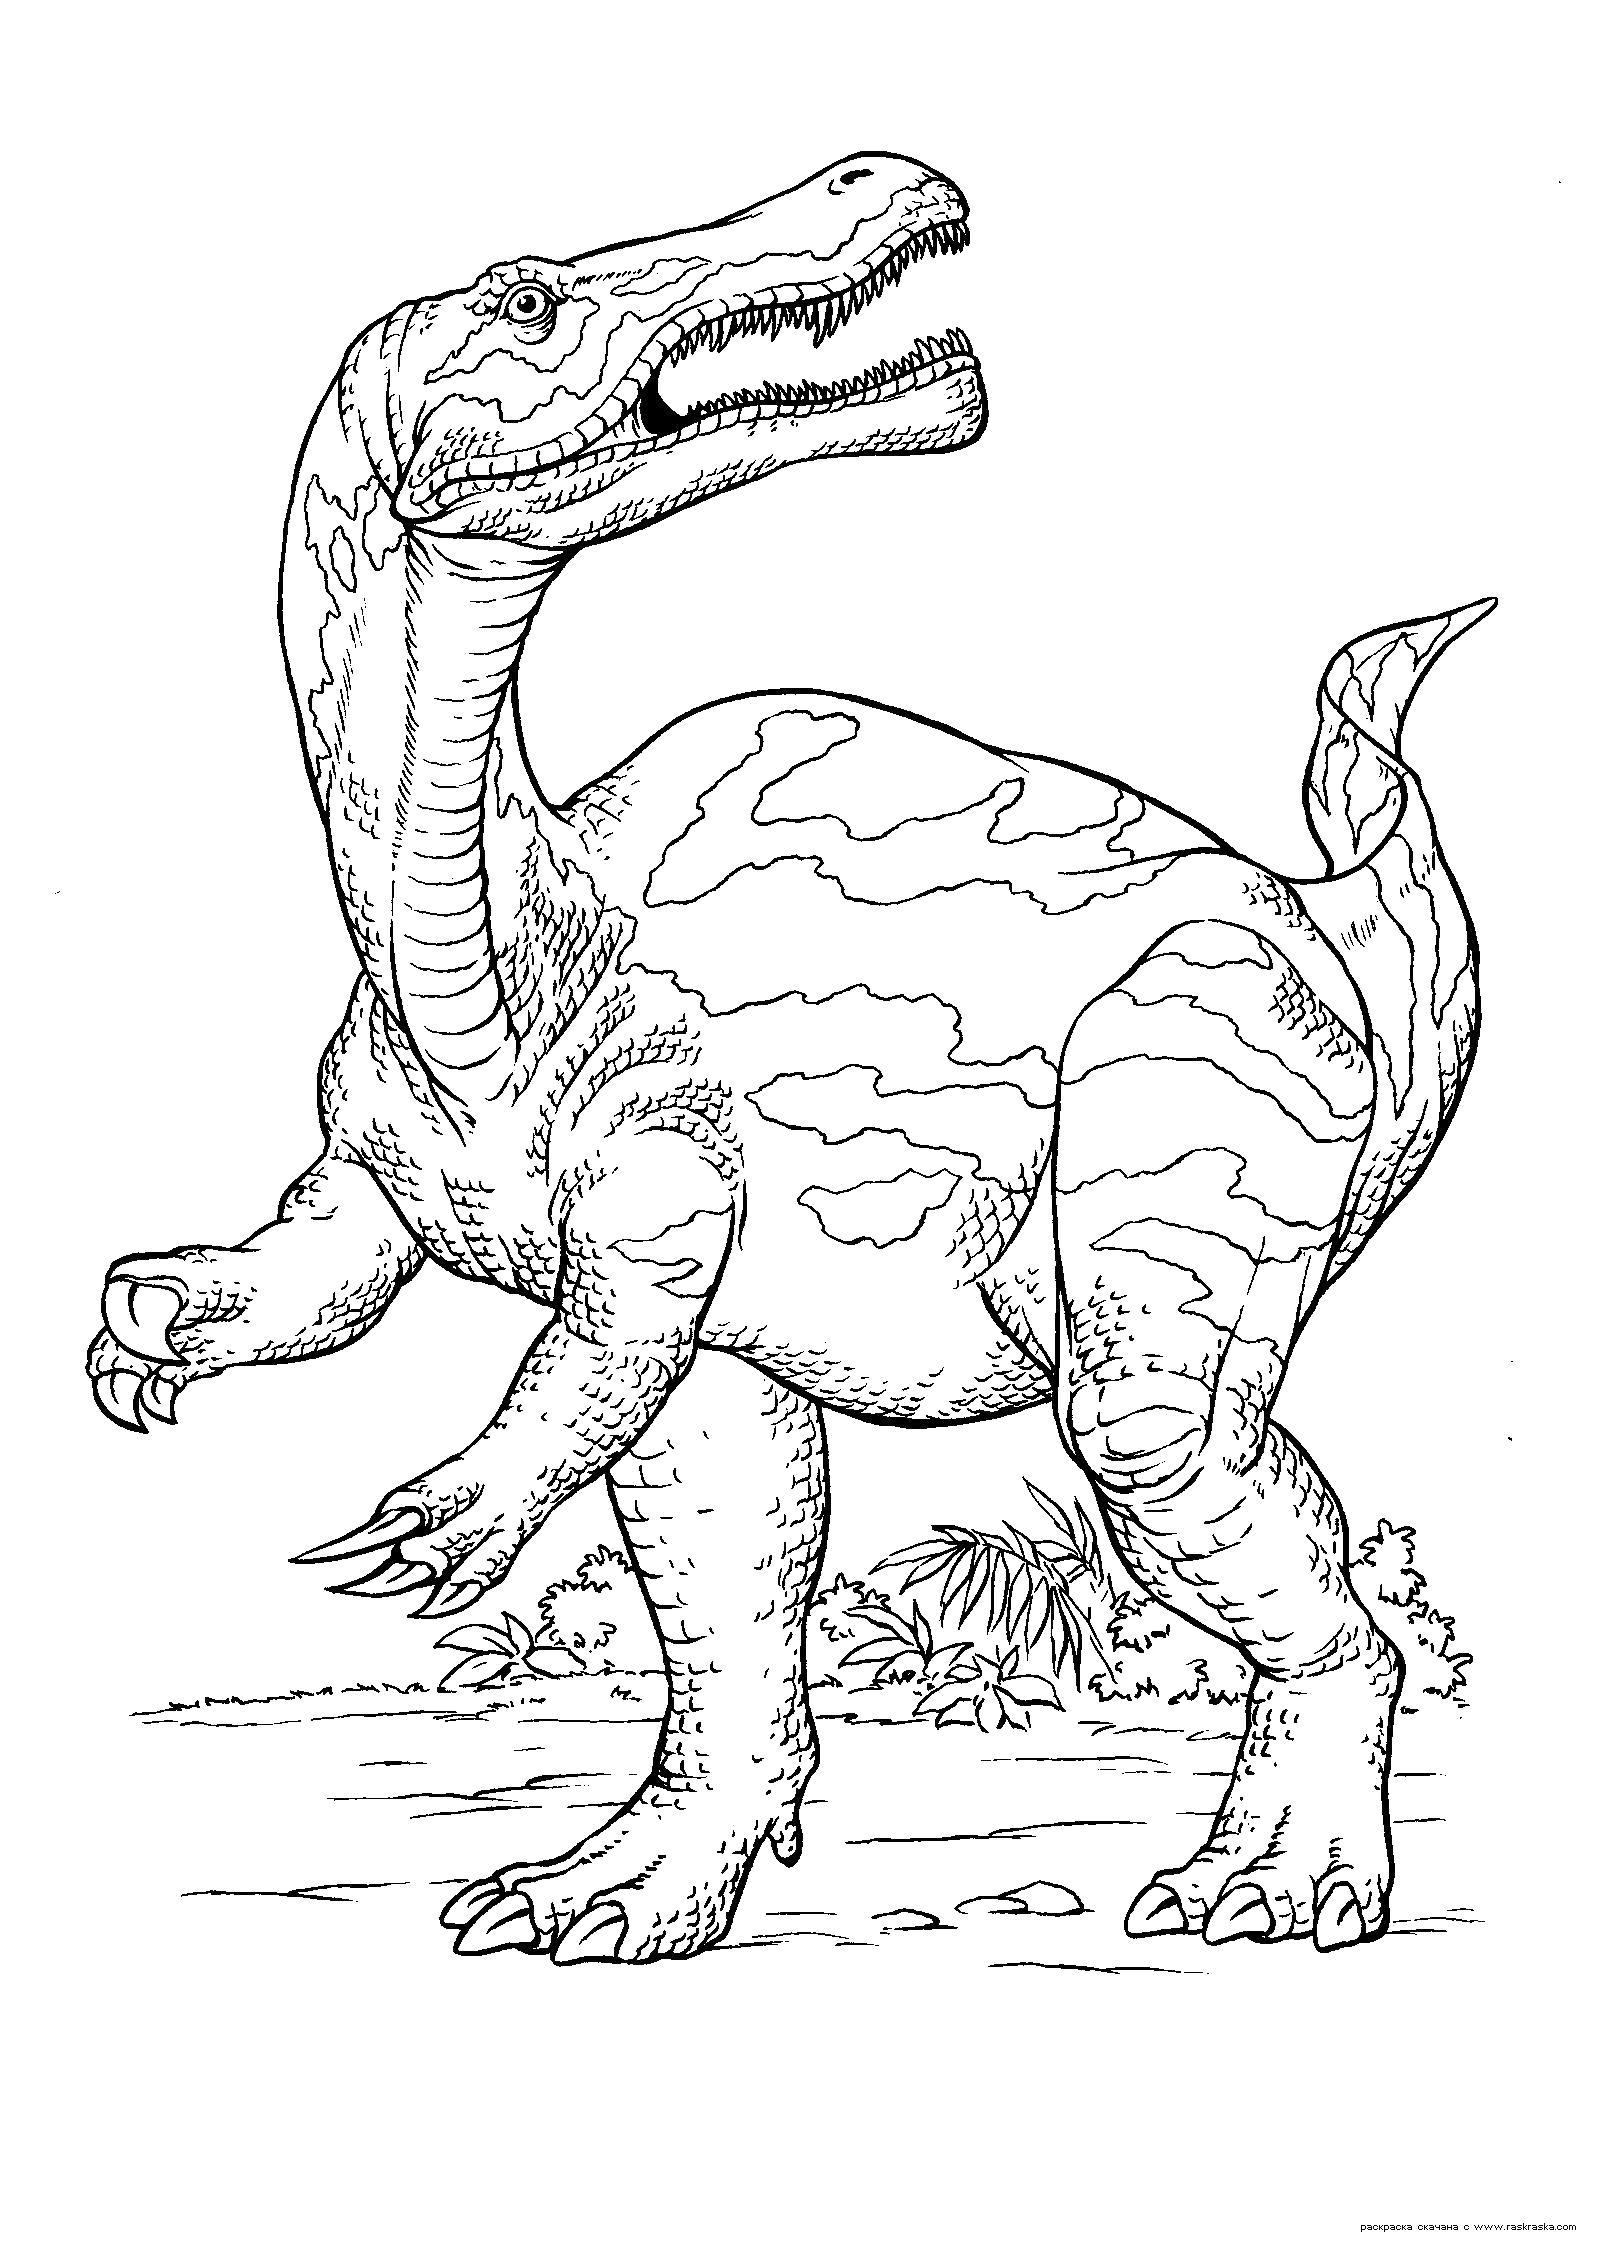 Раскраска Раскраска Динозавр. Раскраска Гигантозавр, раскраски динозавтров бесплатно для ребенка. динозавр